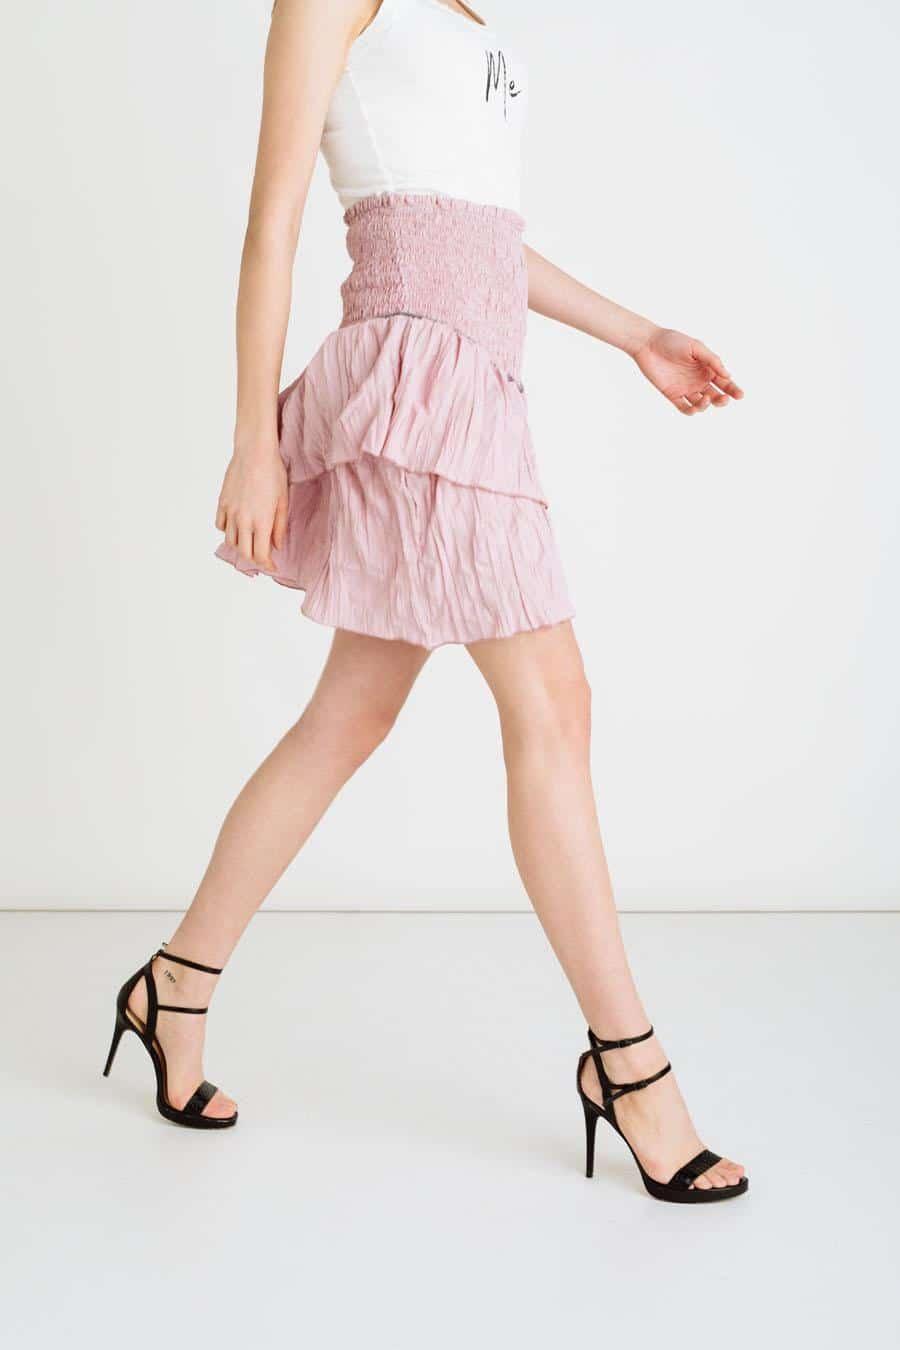 jagger zenska suknja kolekcija prolece leto 2021 ss 2021 kupi online jg 5499 10 3